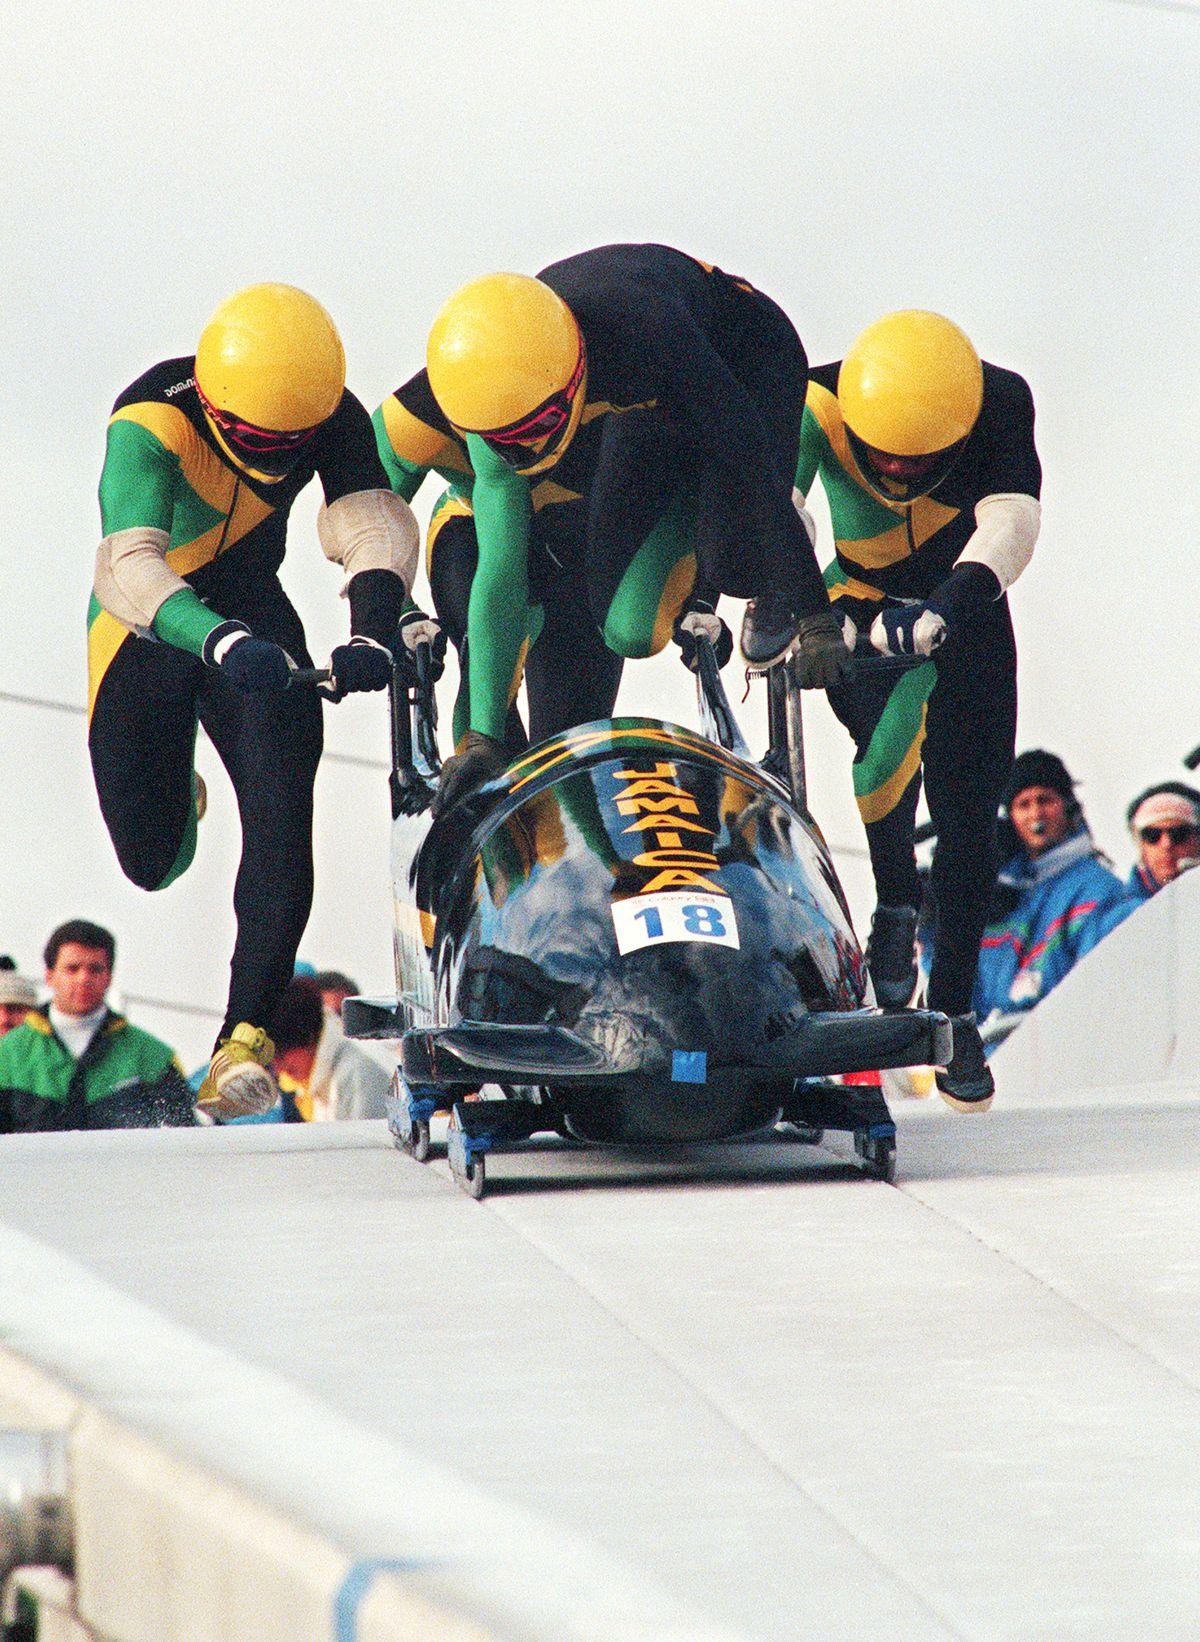 Pilote jamaïcain de bobsleigh à quatre Dudley